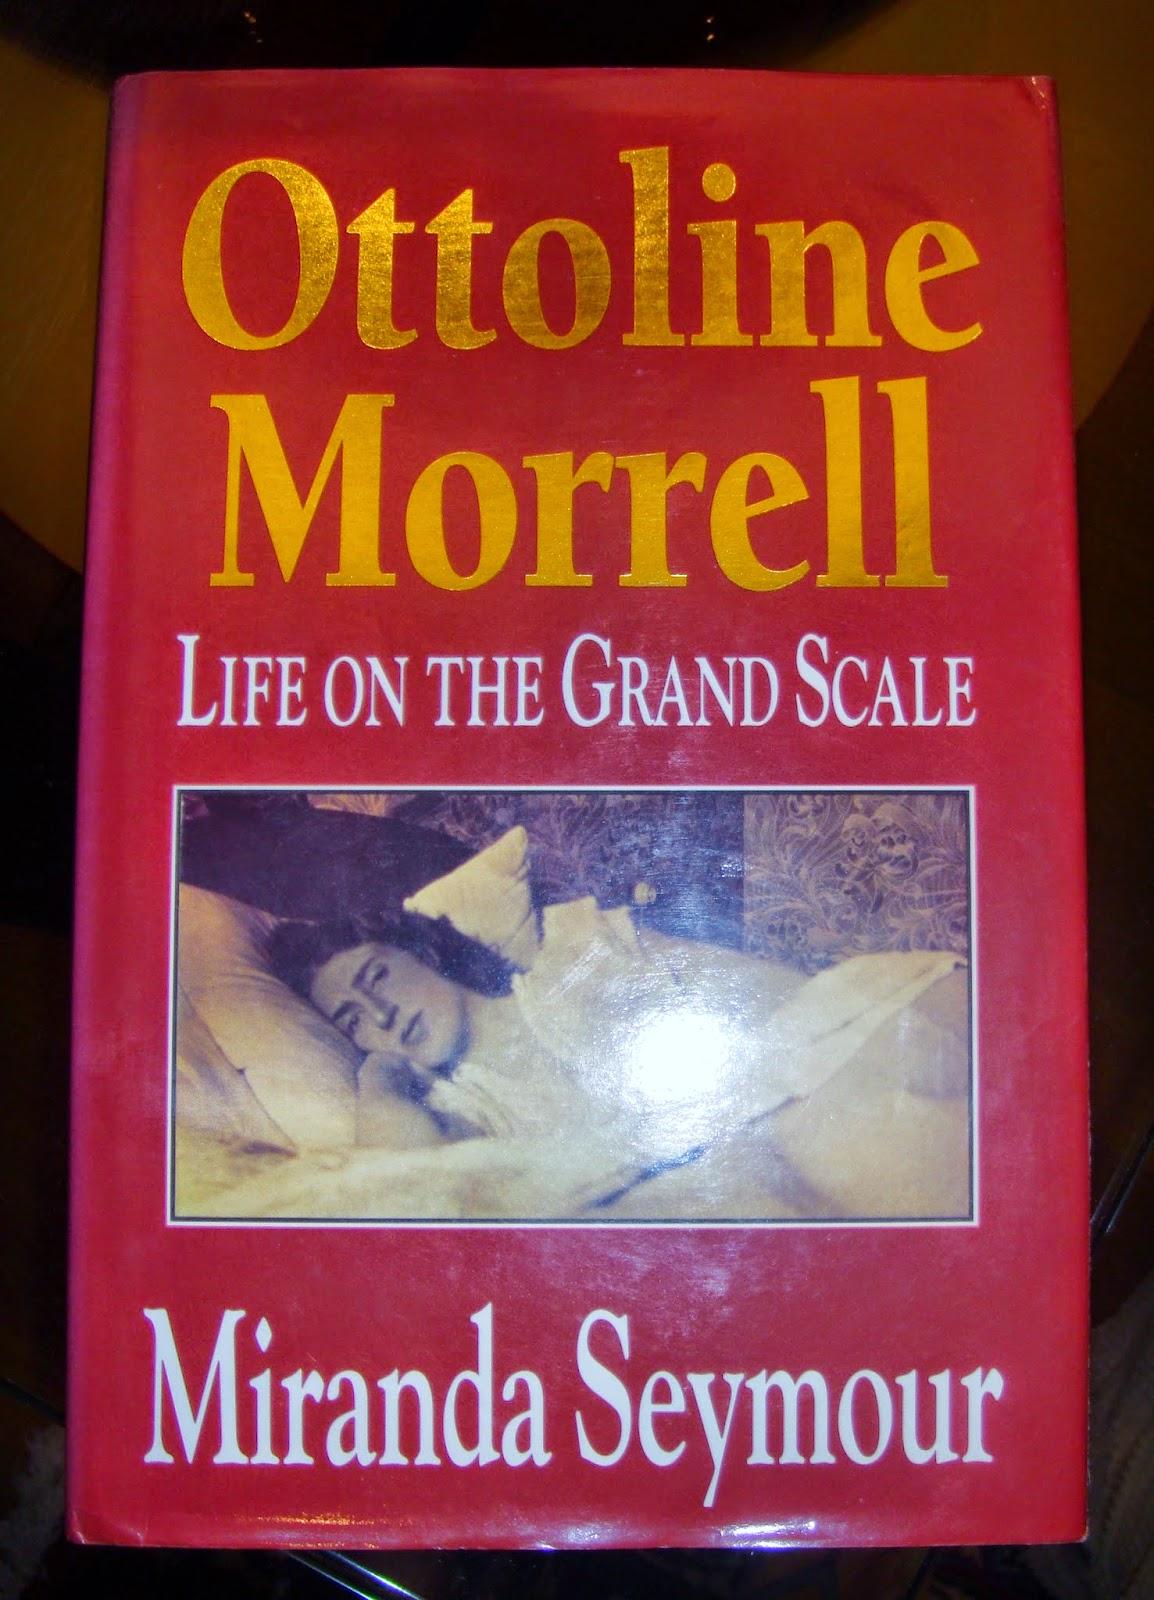 Ottoline Morrell